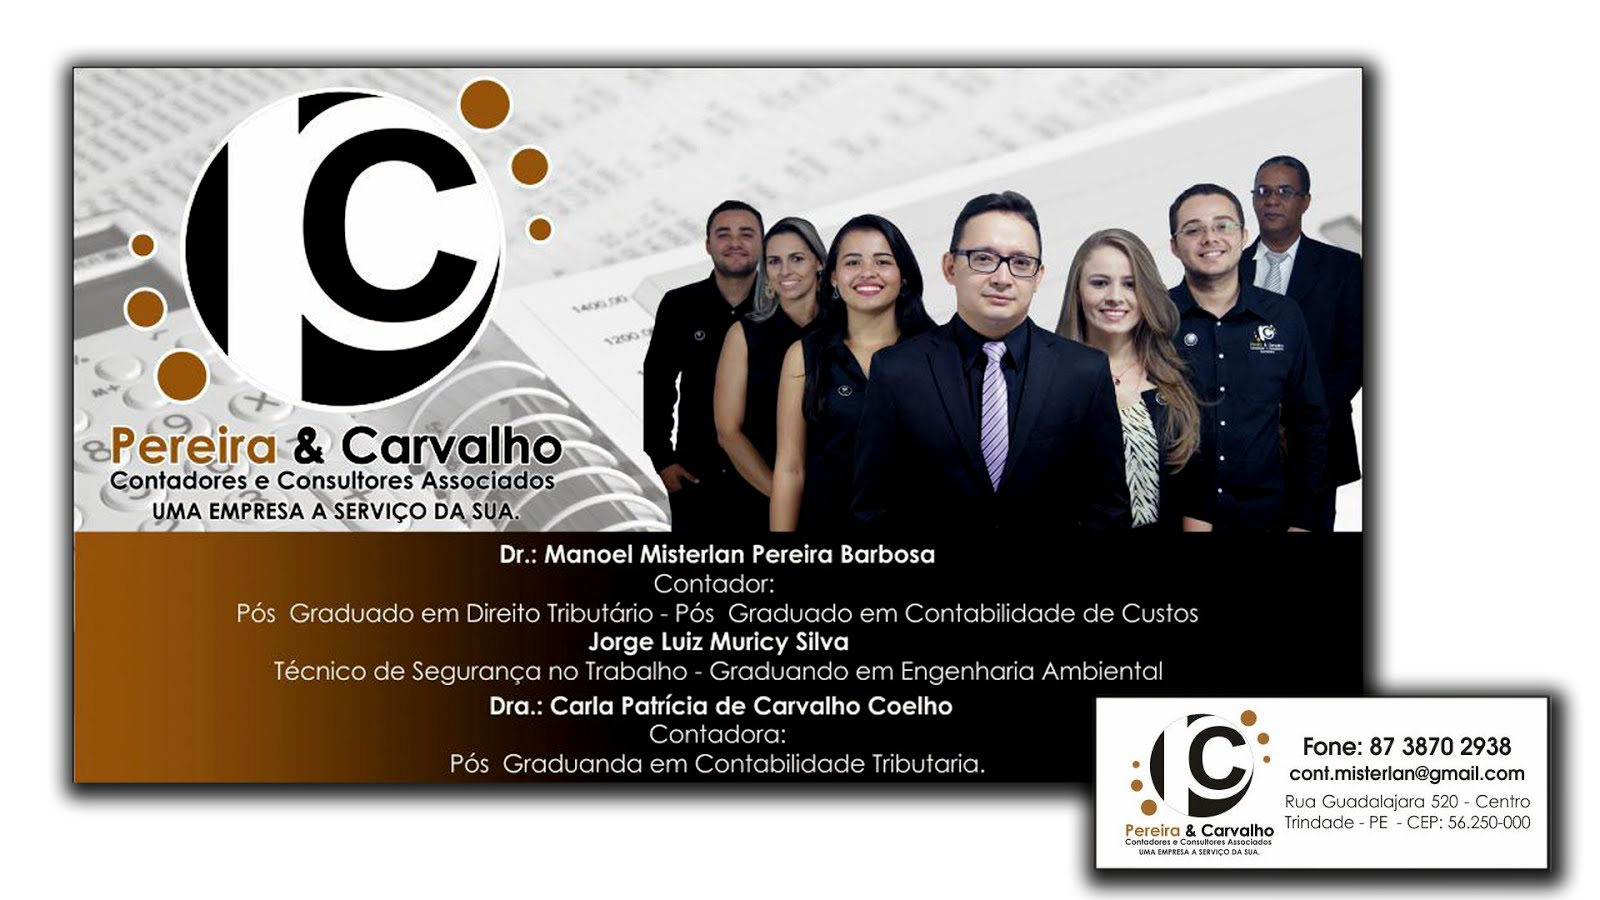 Pereira & Carvalho